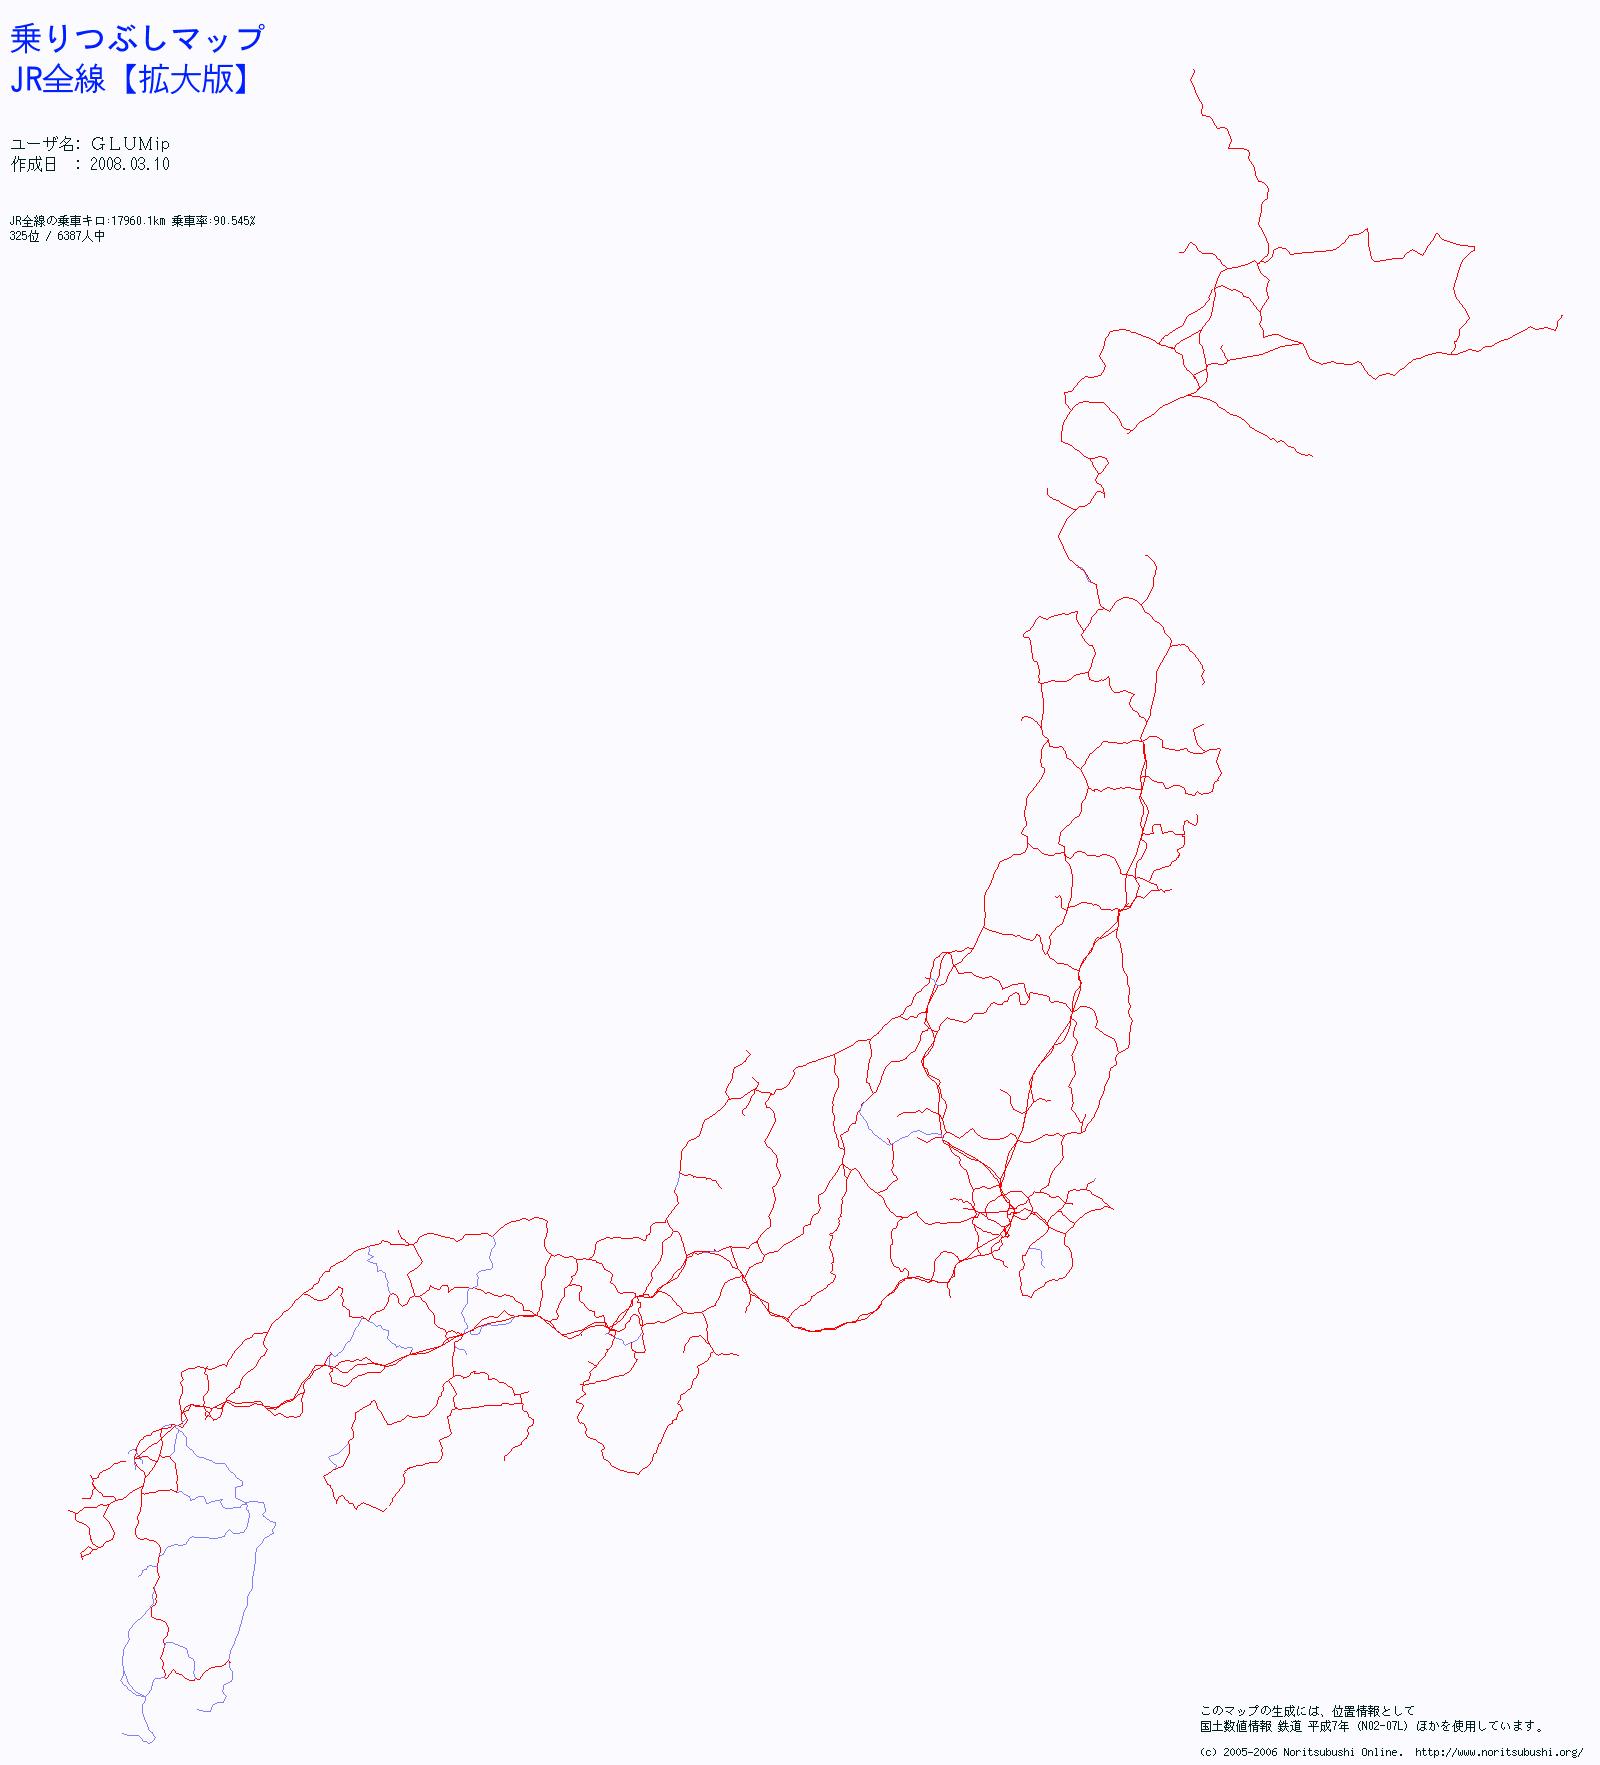 20080310map